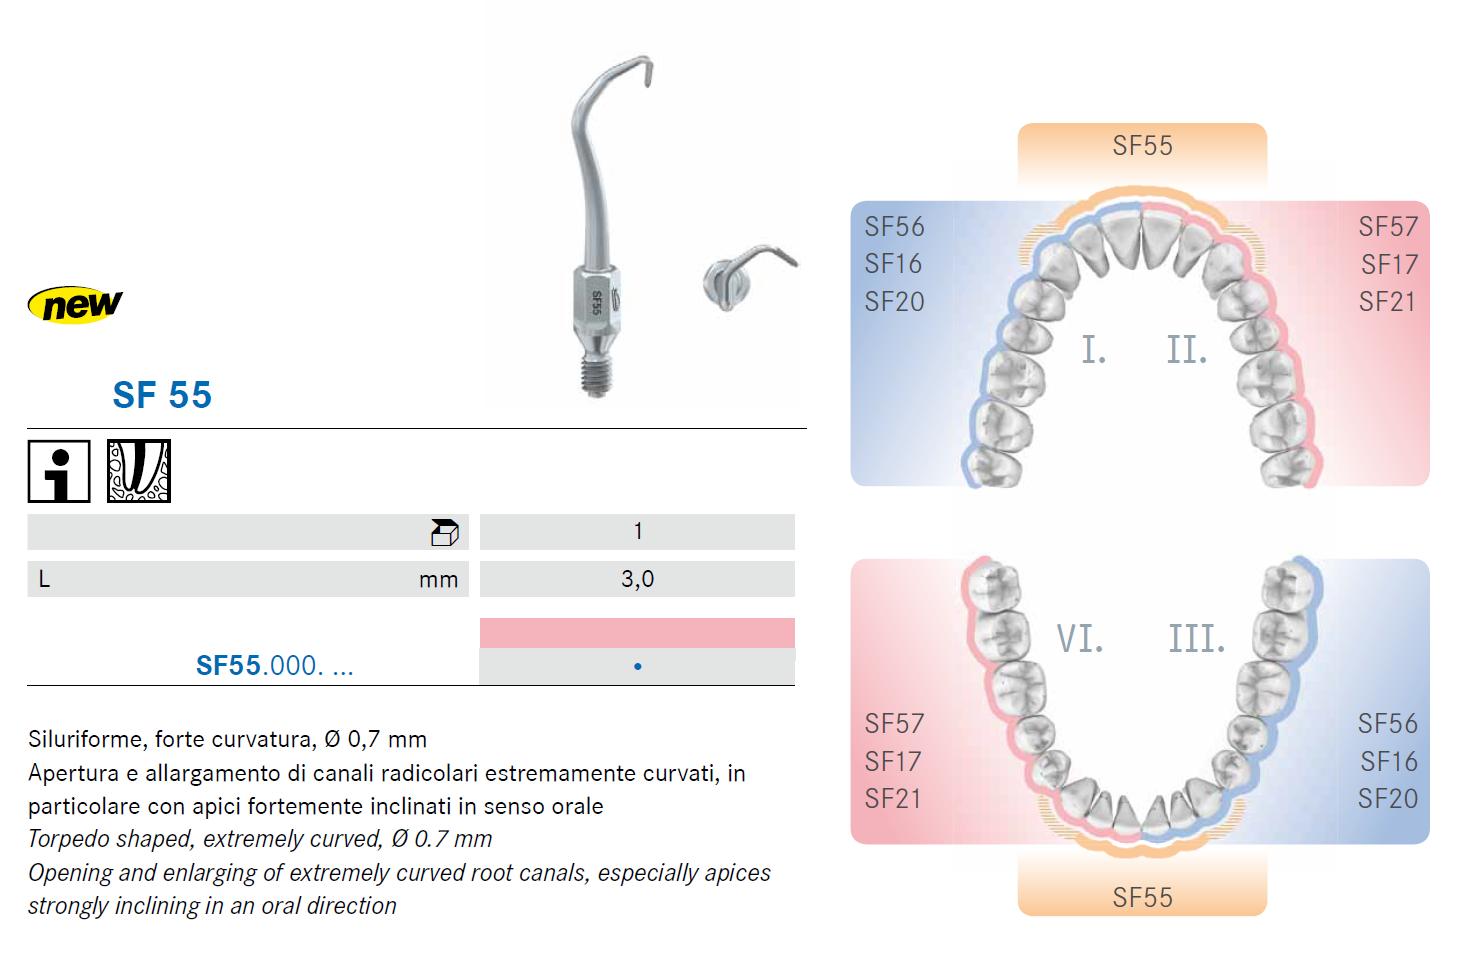 Punte soniche SF55 per endodonzia